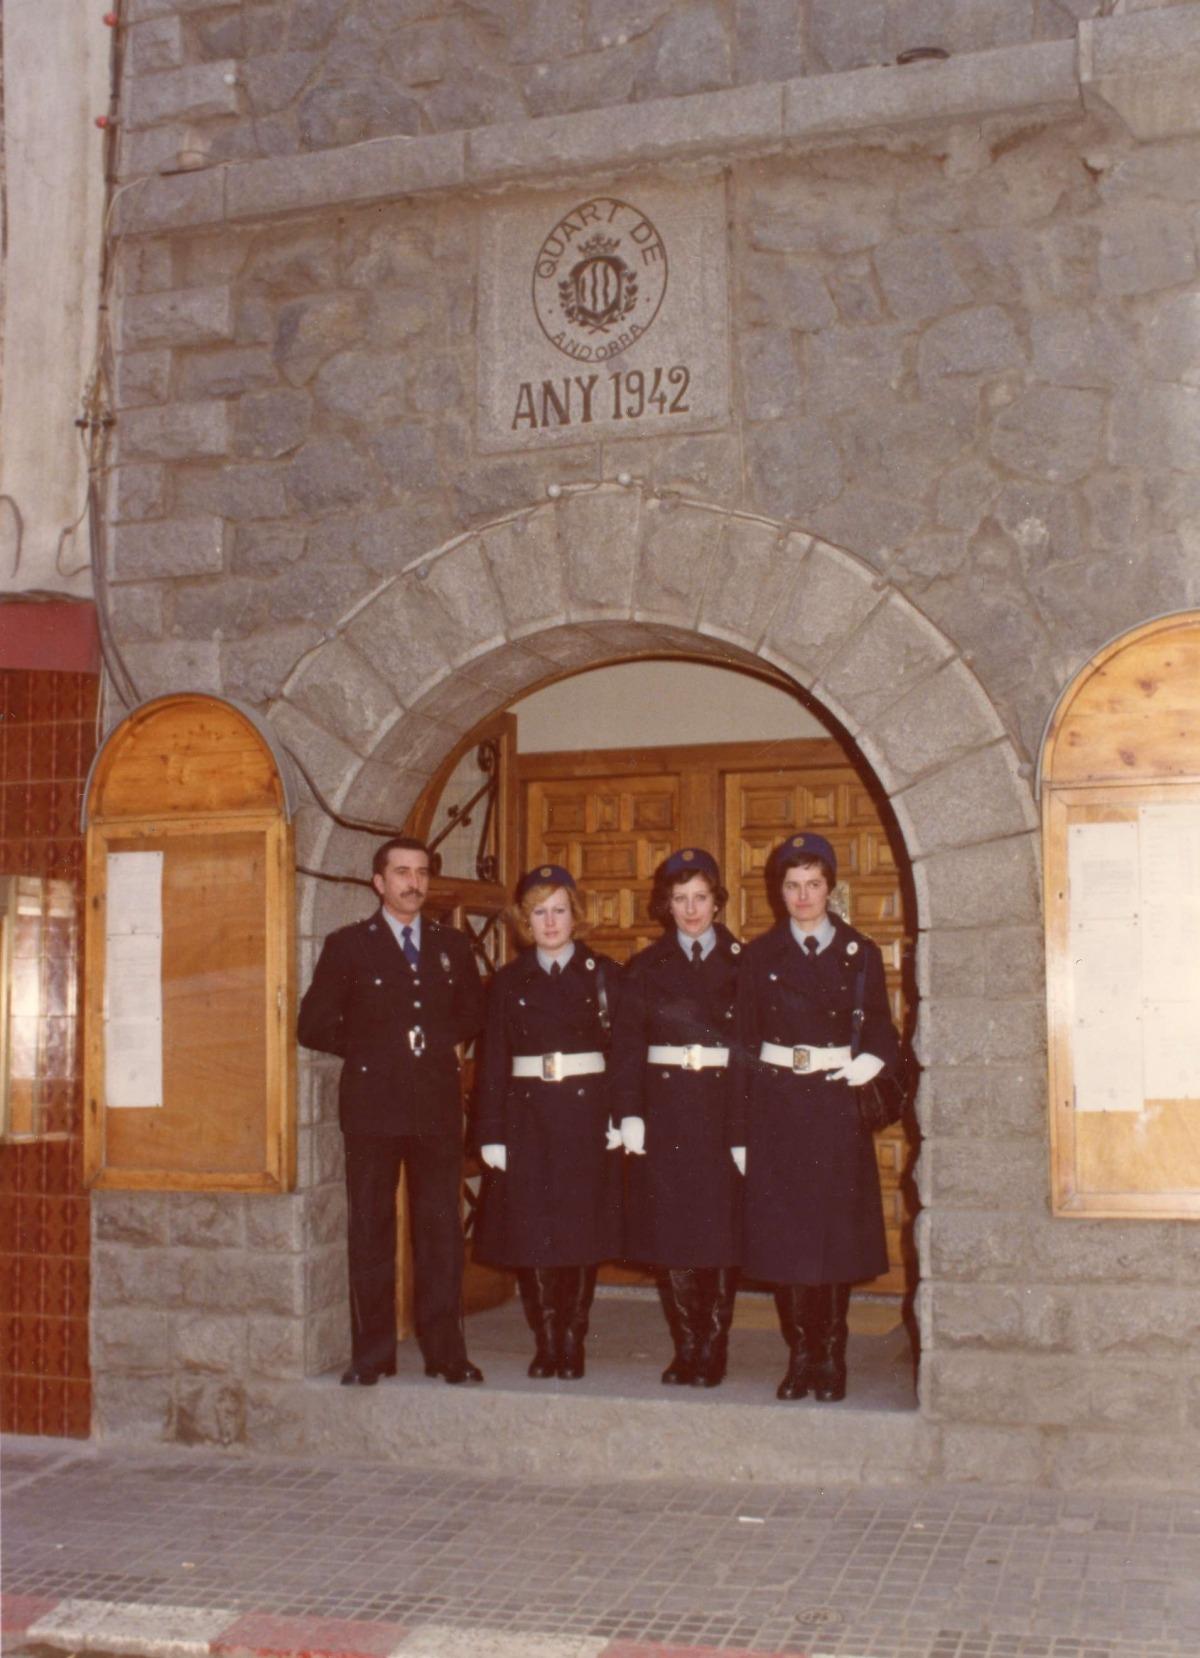 Sobre l'arc d'entrada a l'antic edifici del Quart, inaugurat el 1942, hi havia un plafó amb el primer escut d'Andorra la Vella, que avui és a la part exterior de l'absis de Sant Estsve.